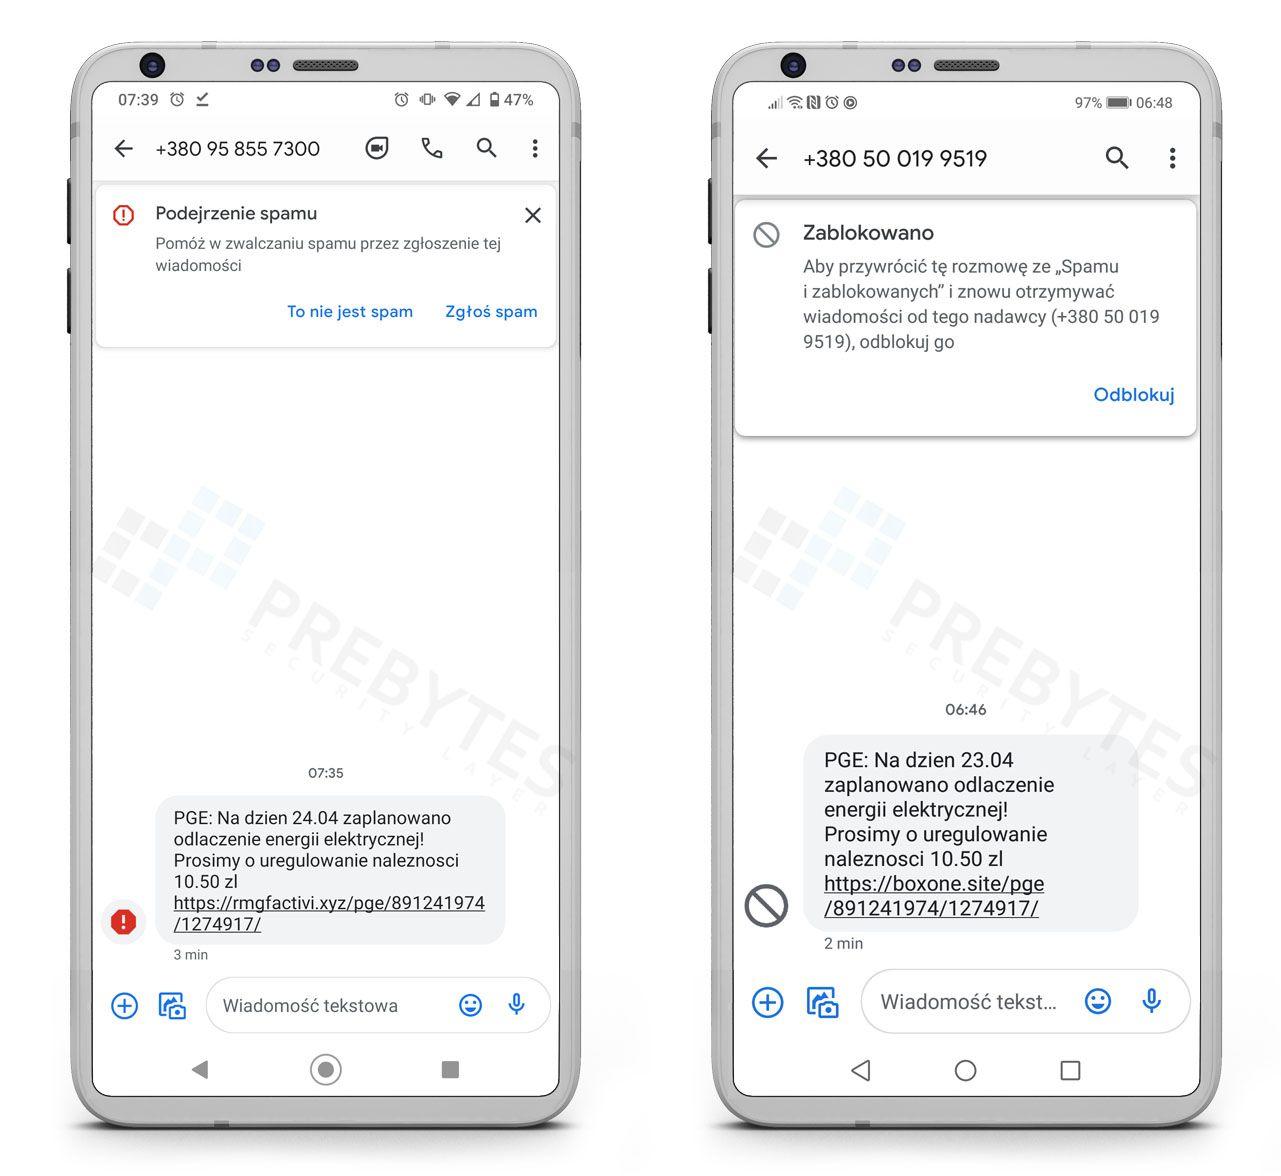 Fałszywy SMS od PGE - uregulowanie należności